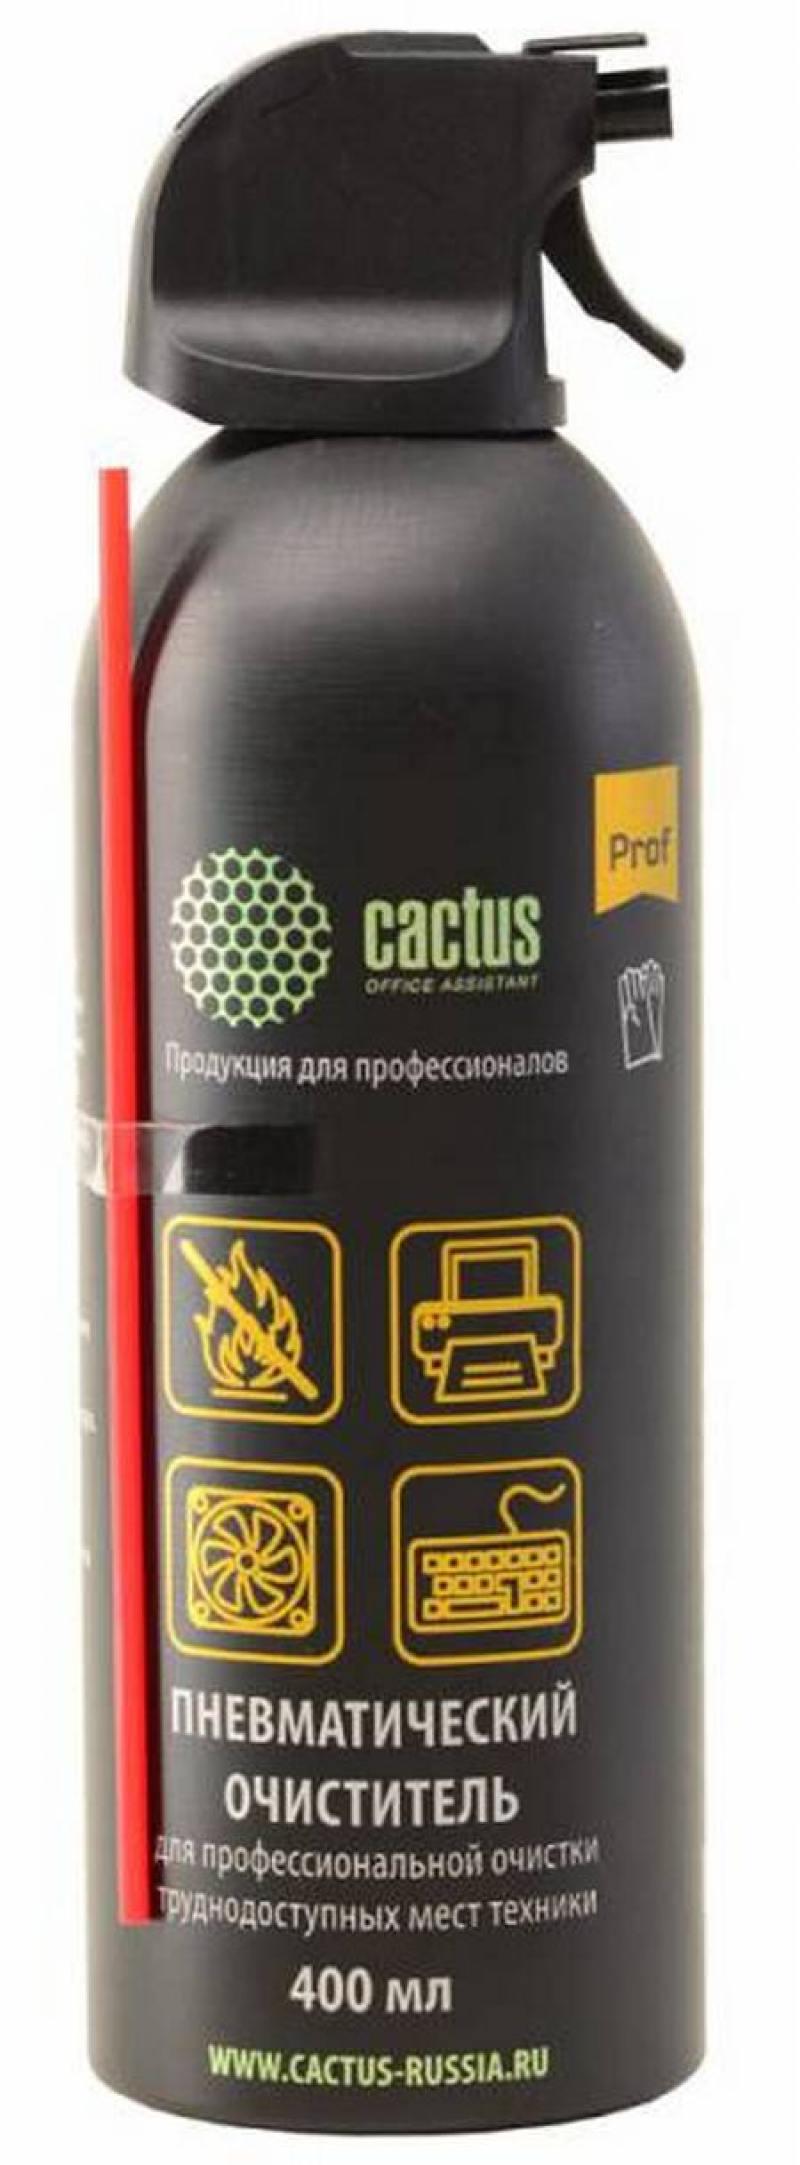 Баллон с сжатым воздухом Cactus Professional CSP-Air400AL 400 мл